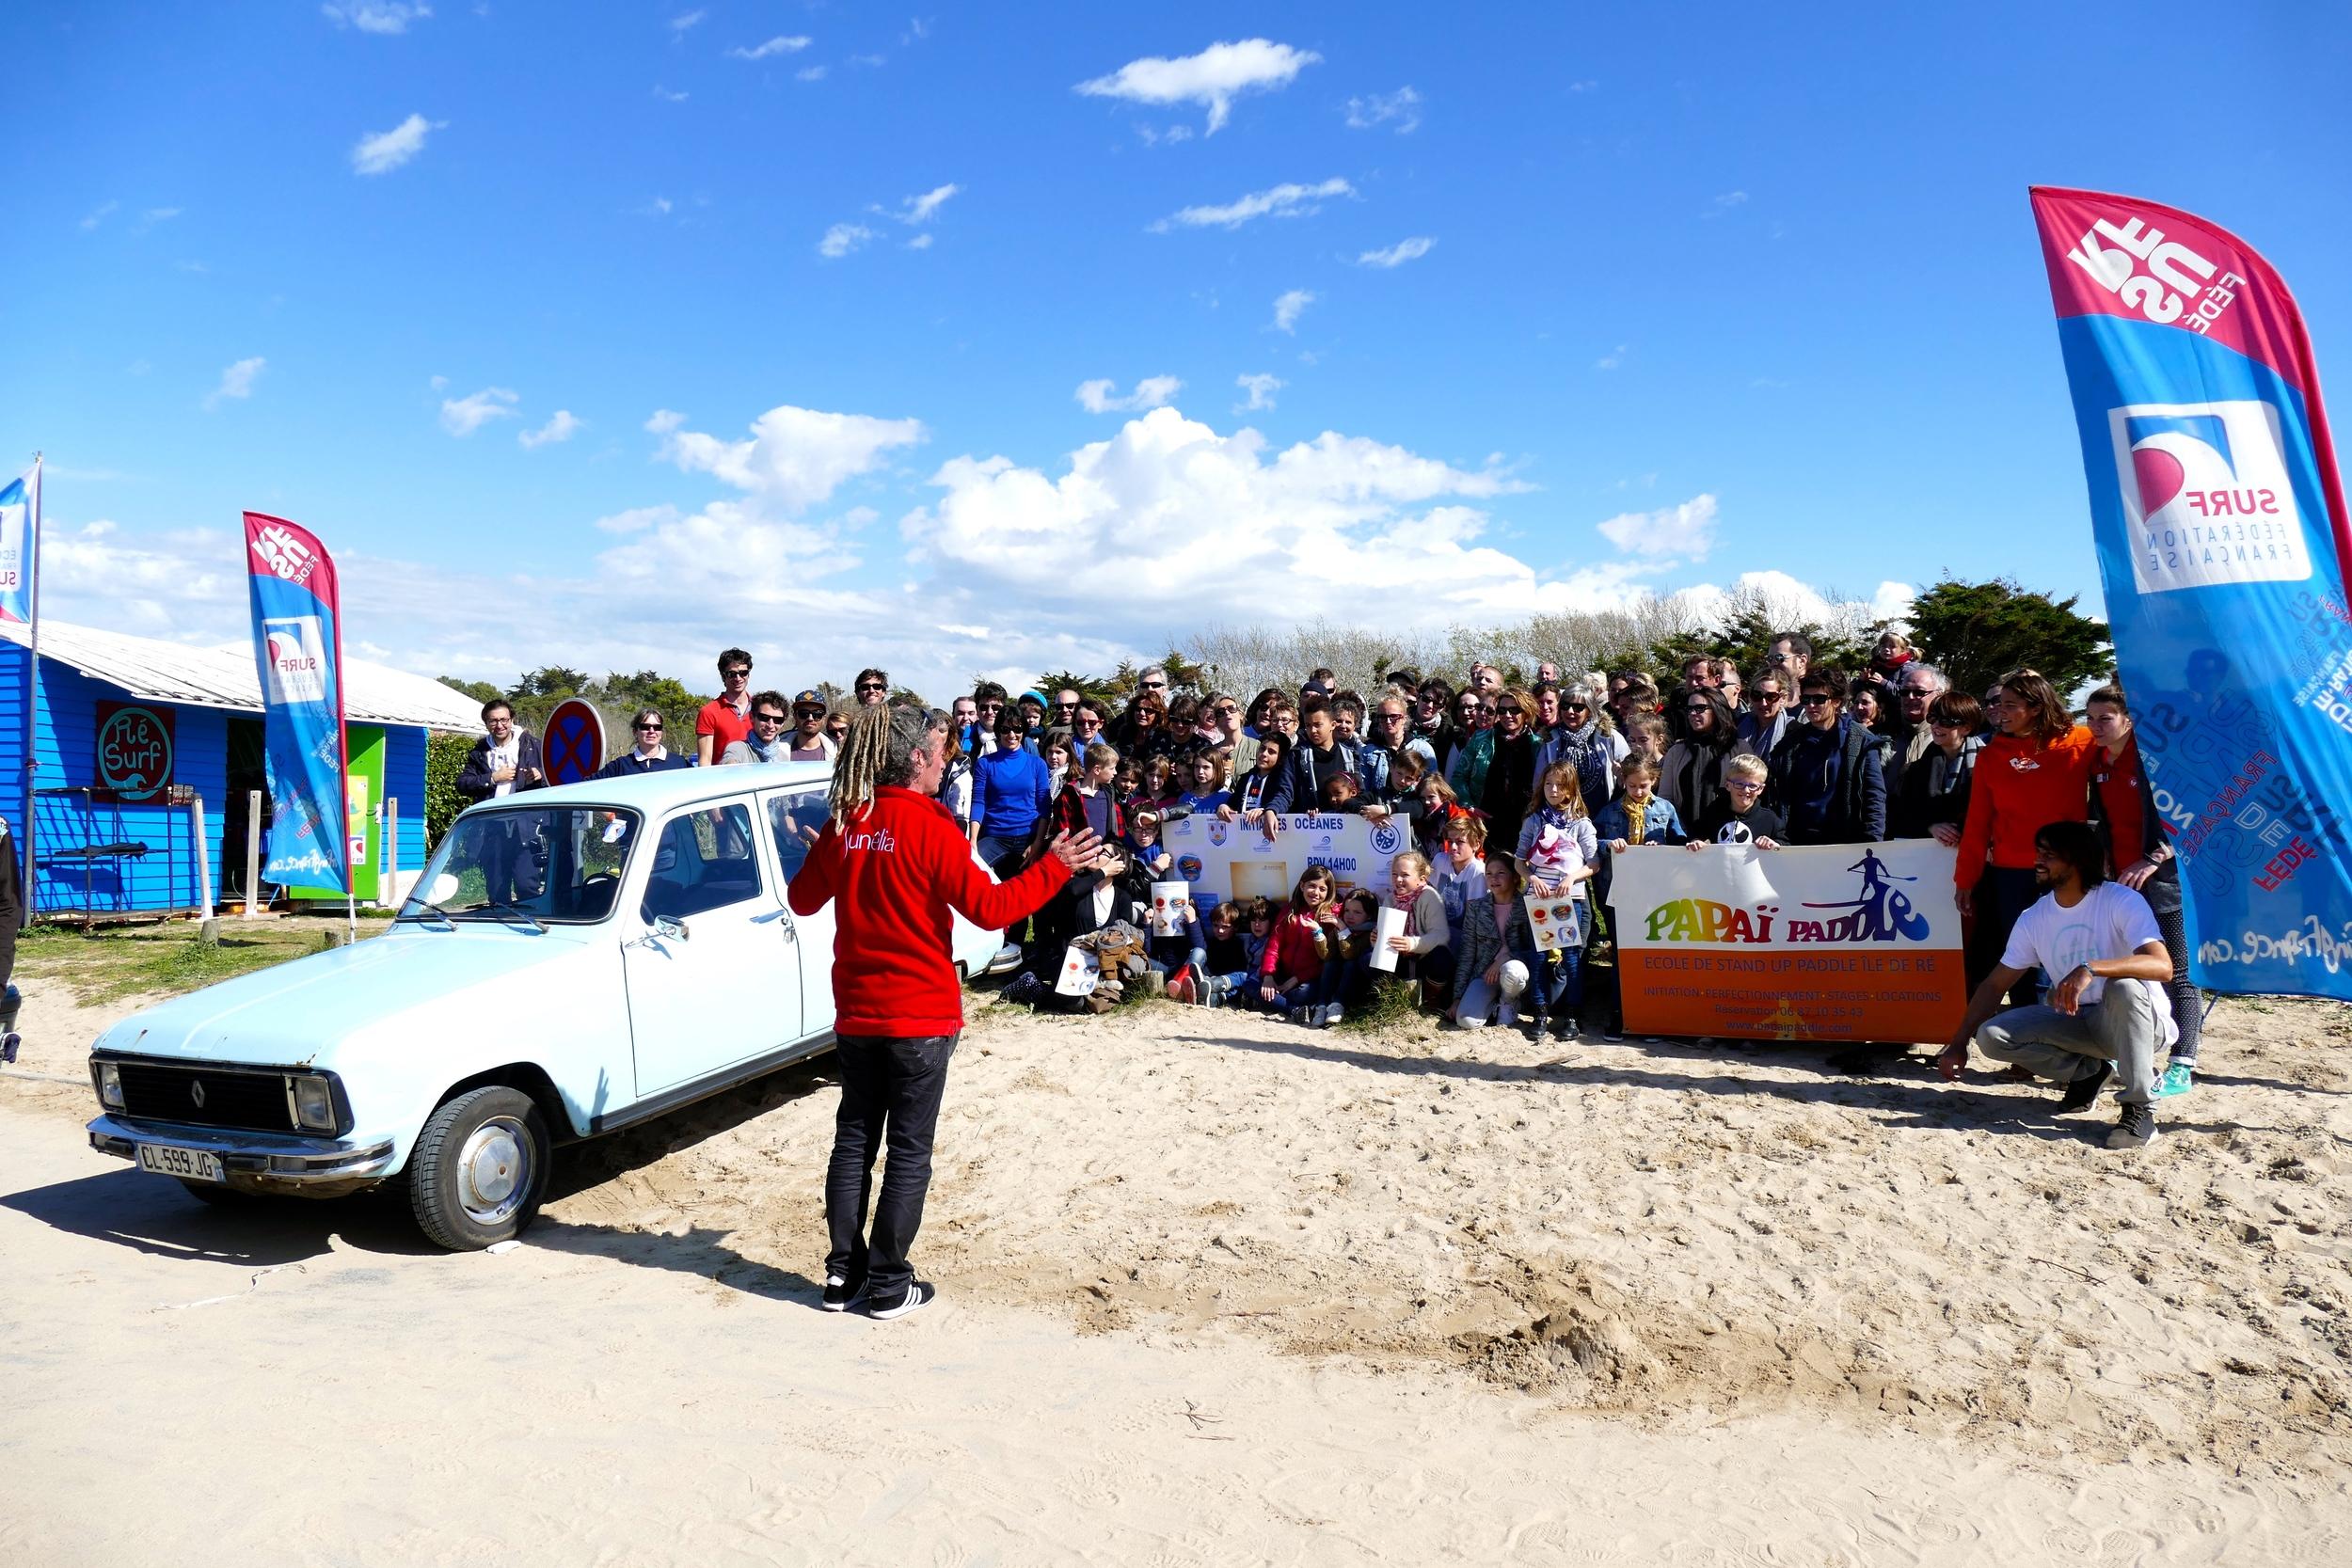 Au nom du Camping Sunêlia Interlude, du Surf Club Rétais, de la Cabane Verte,de Papaï Paddle : un grand merci à tous !